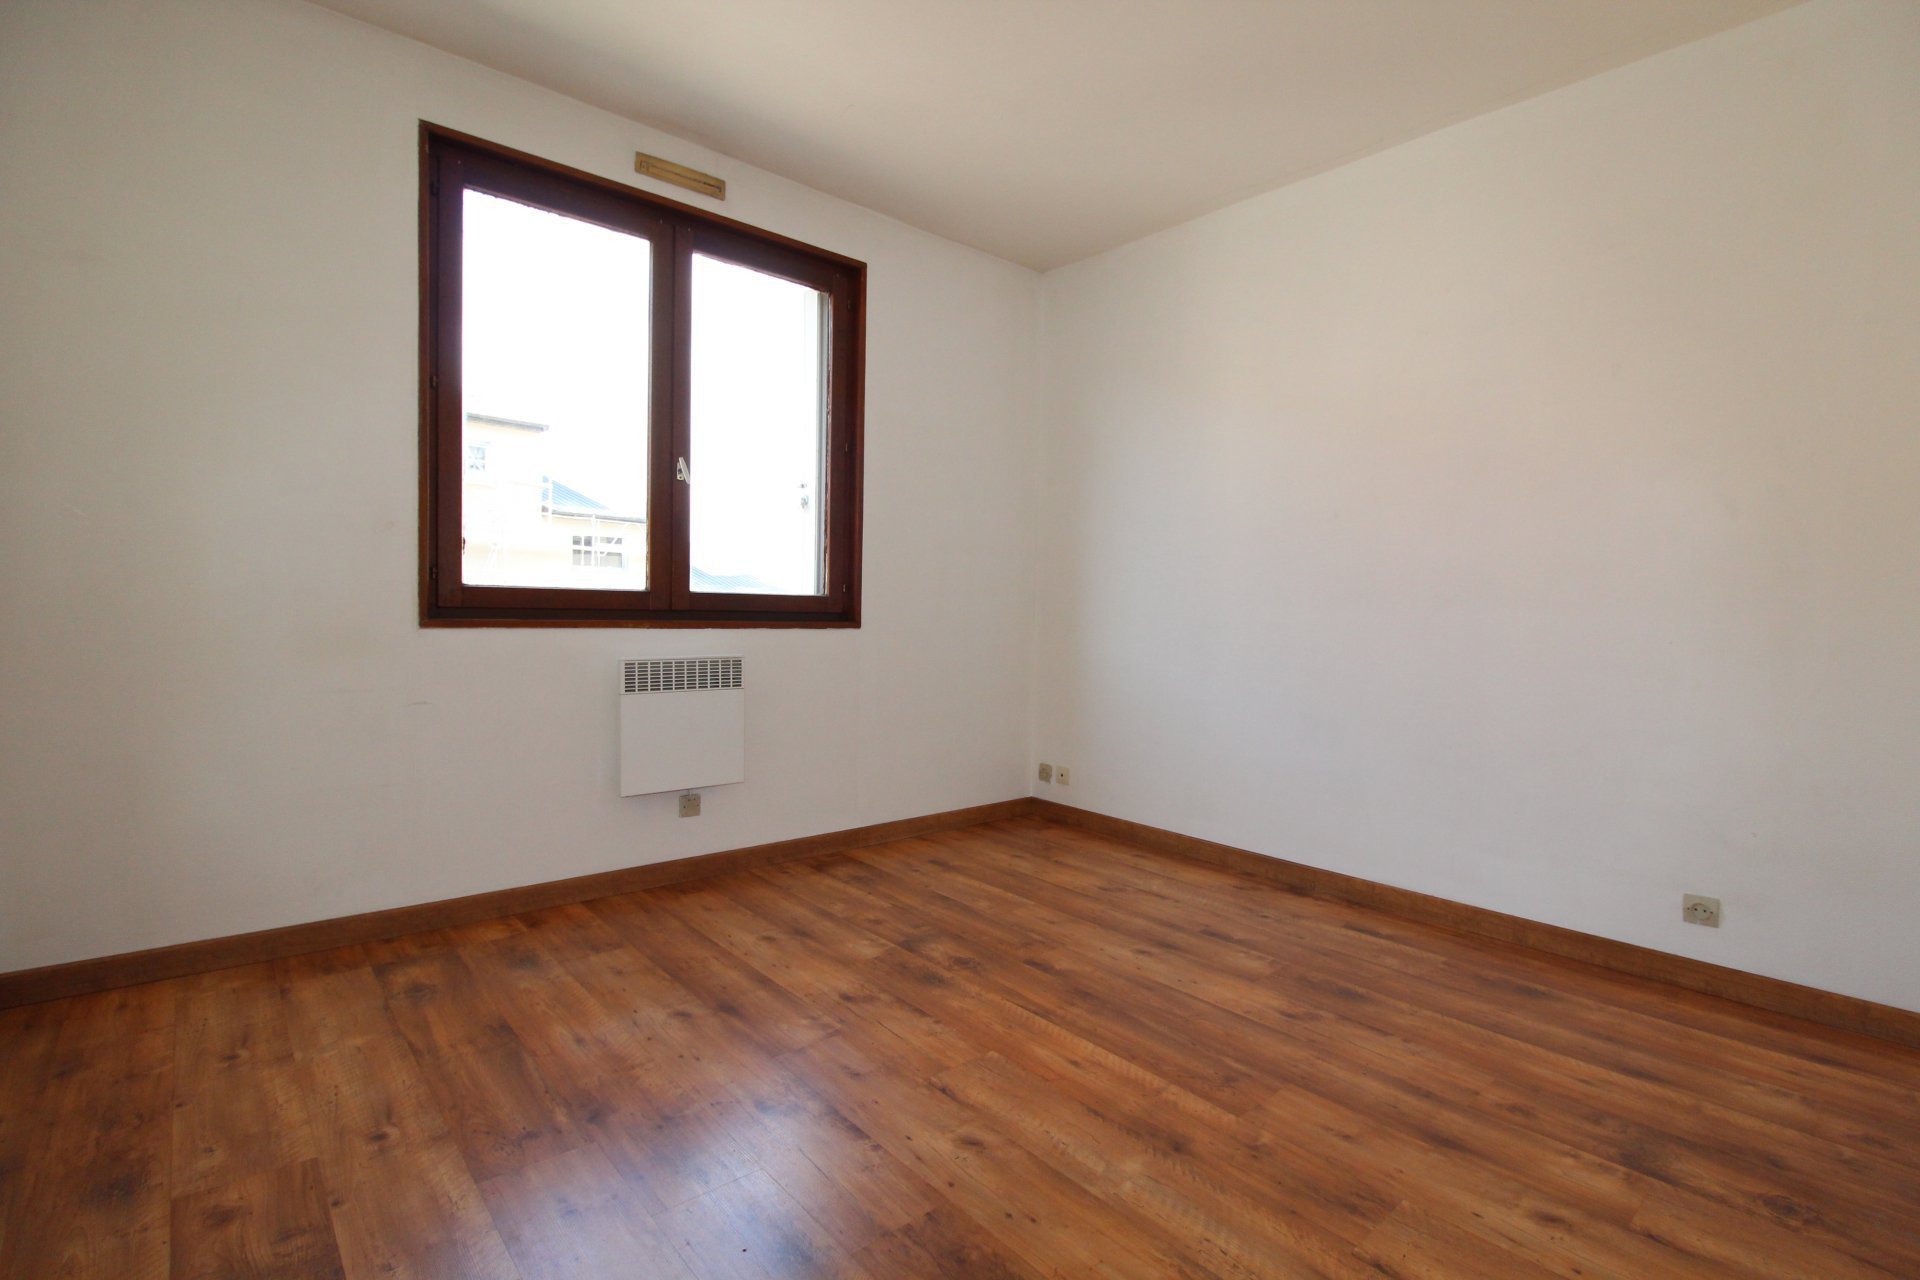 Appartement Saint-Etienne La Terrasse T4 75m2 avec balcon